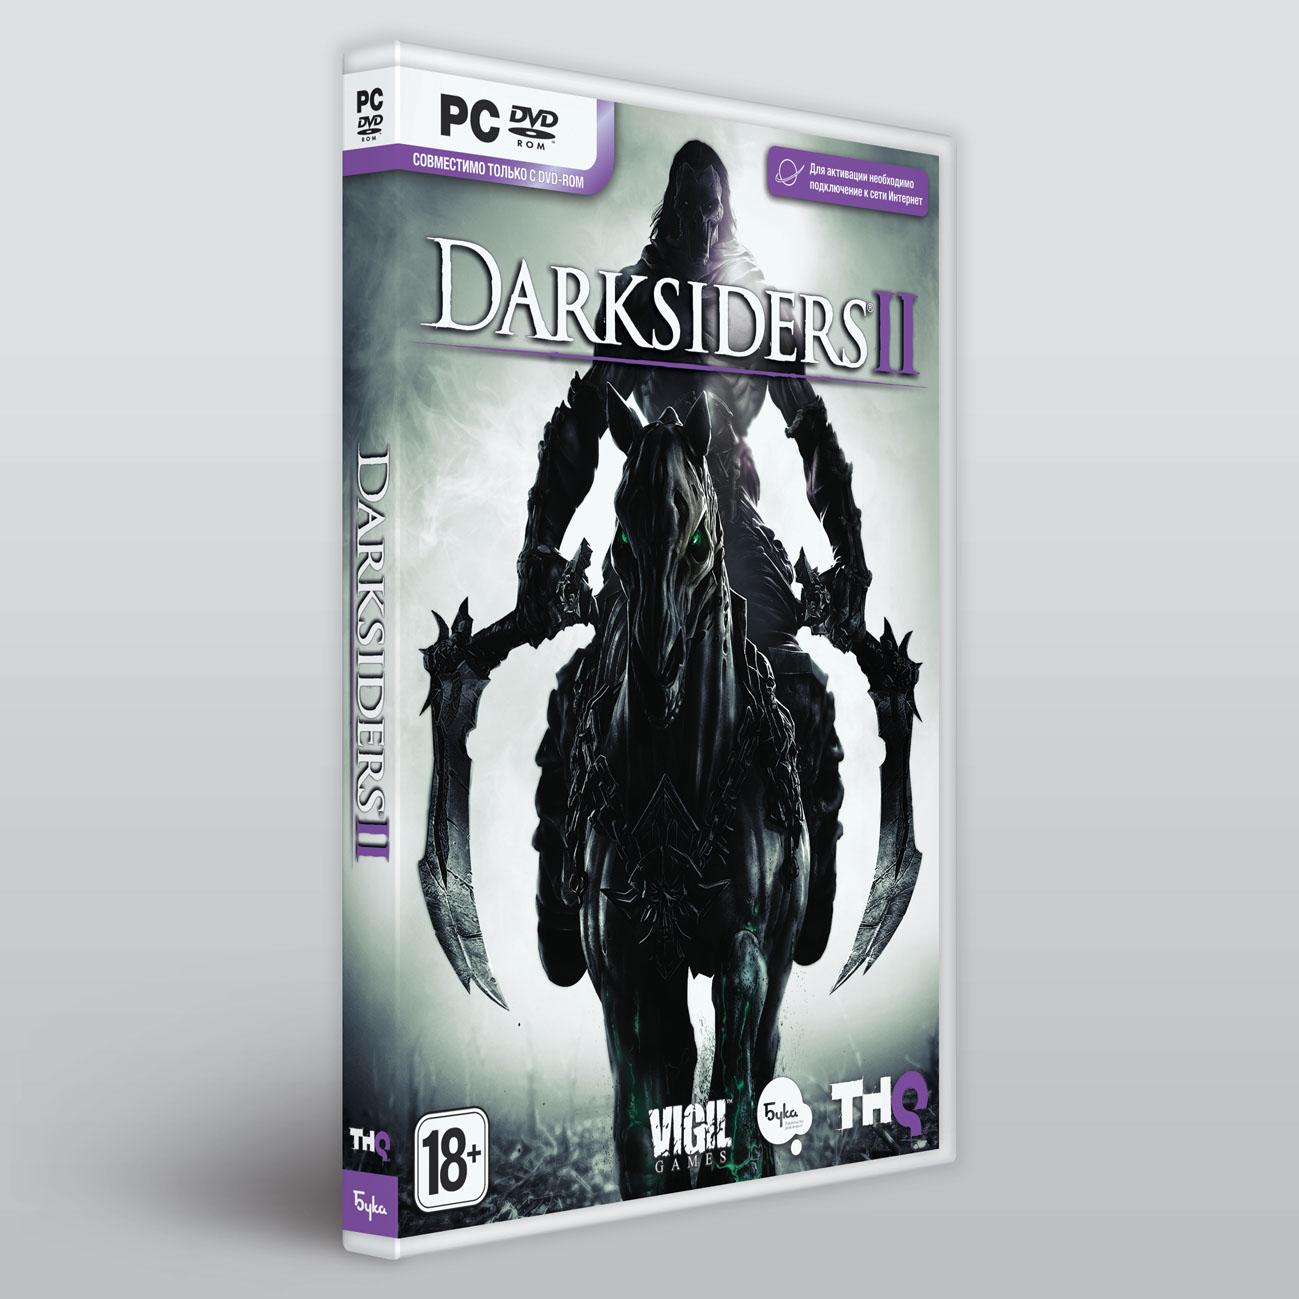 Darksiders 2 Deathinitive Edition(Steam Key)RU+CIS